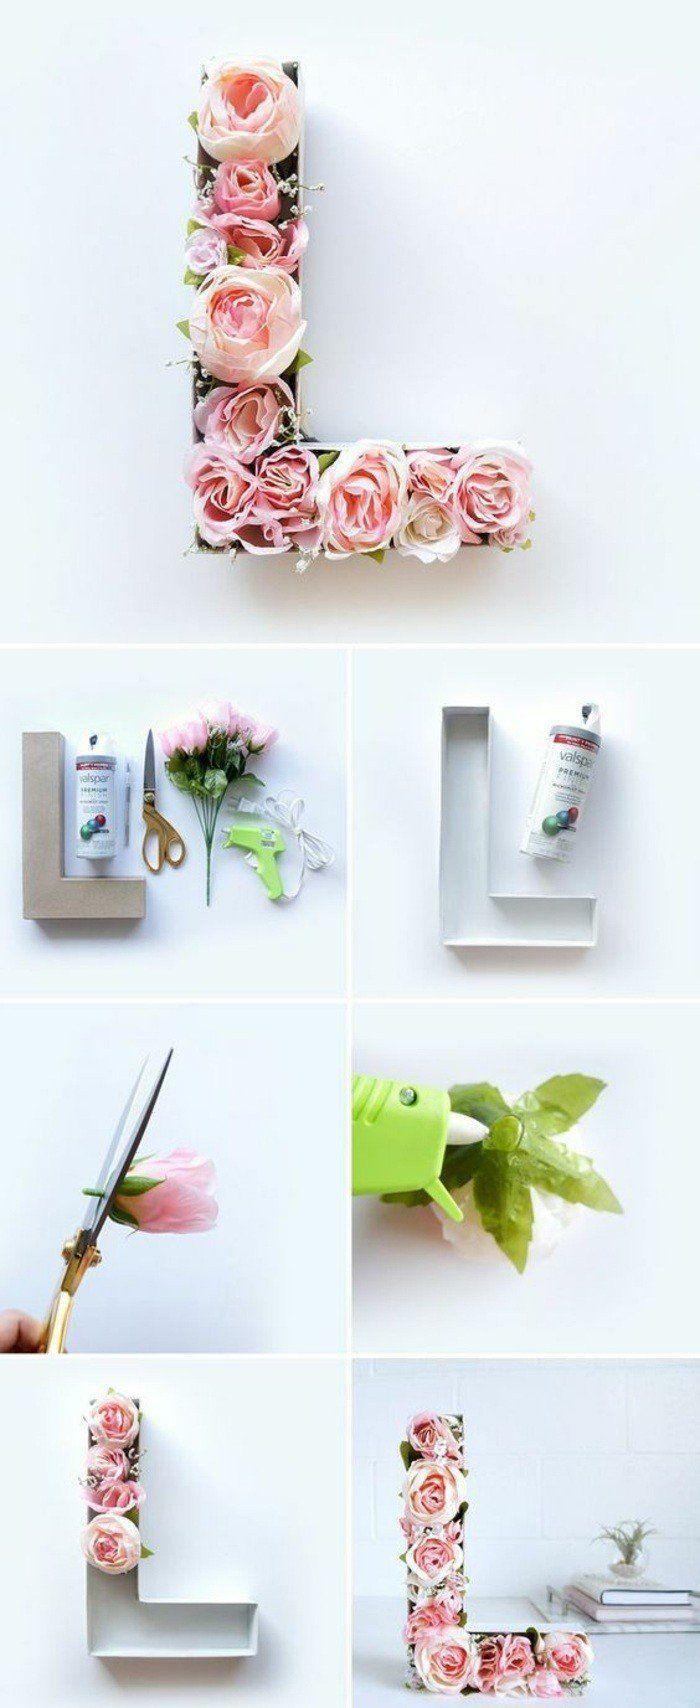 Wanddekoration Garten Luxus ▷ 1001 Ideen Wie Sie Eine Kreative Wanddeko Selber